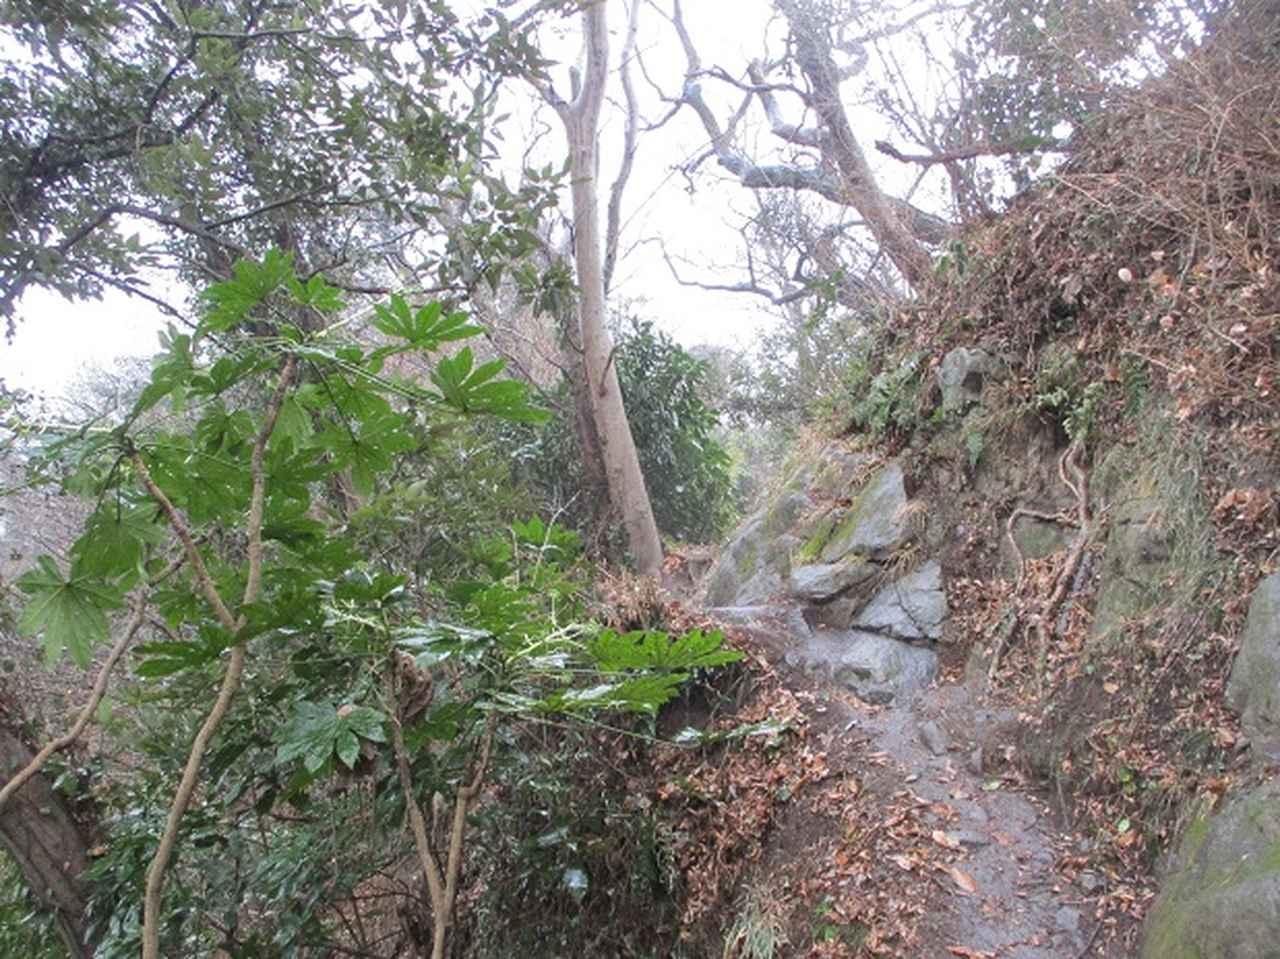 画像2: 2月16日・実施予定の山旅会 乳頭山から畠山 ツアーの下見へ!